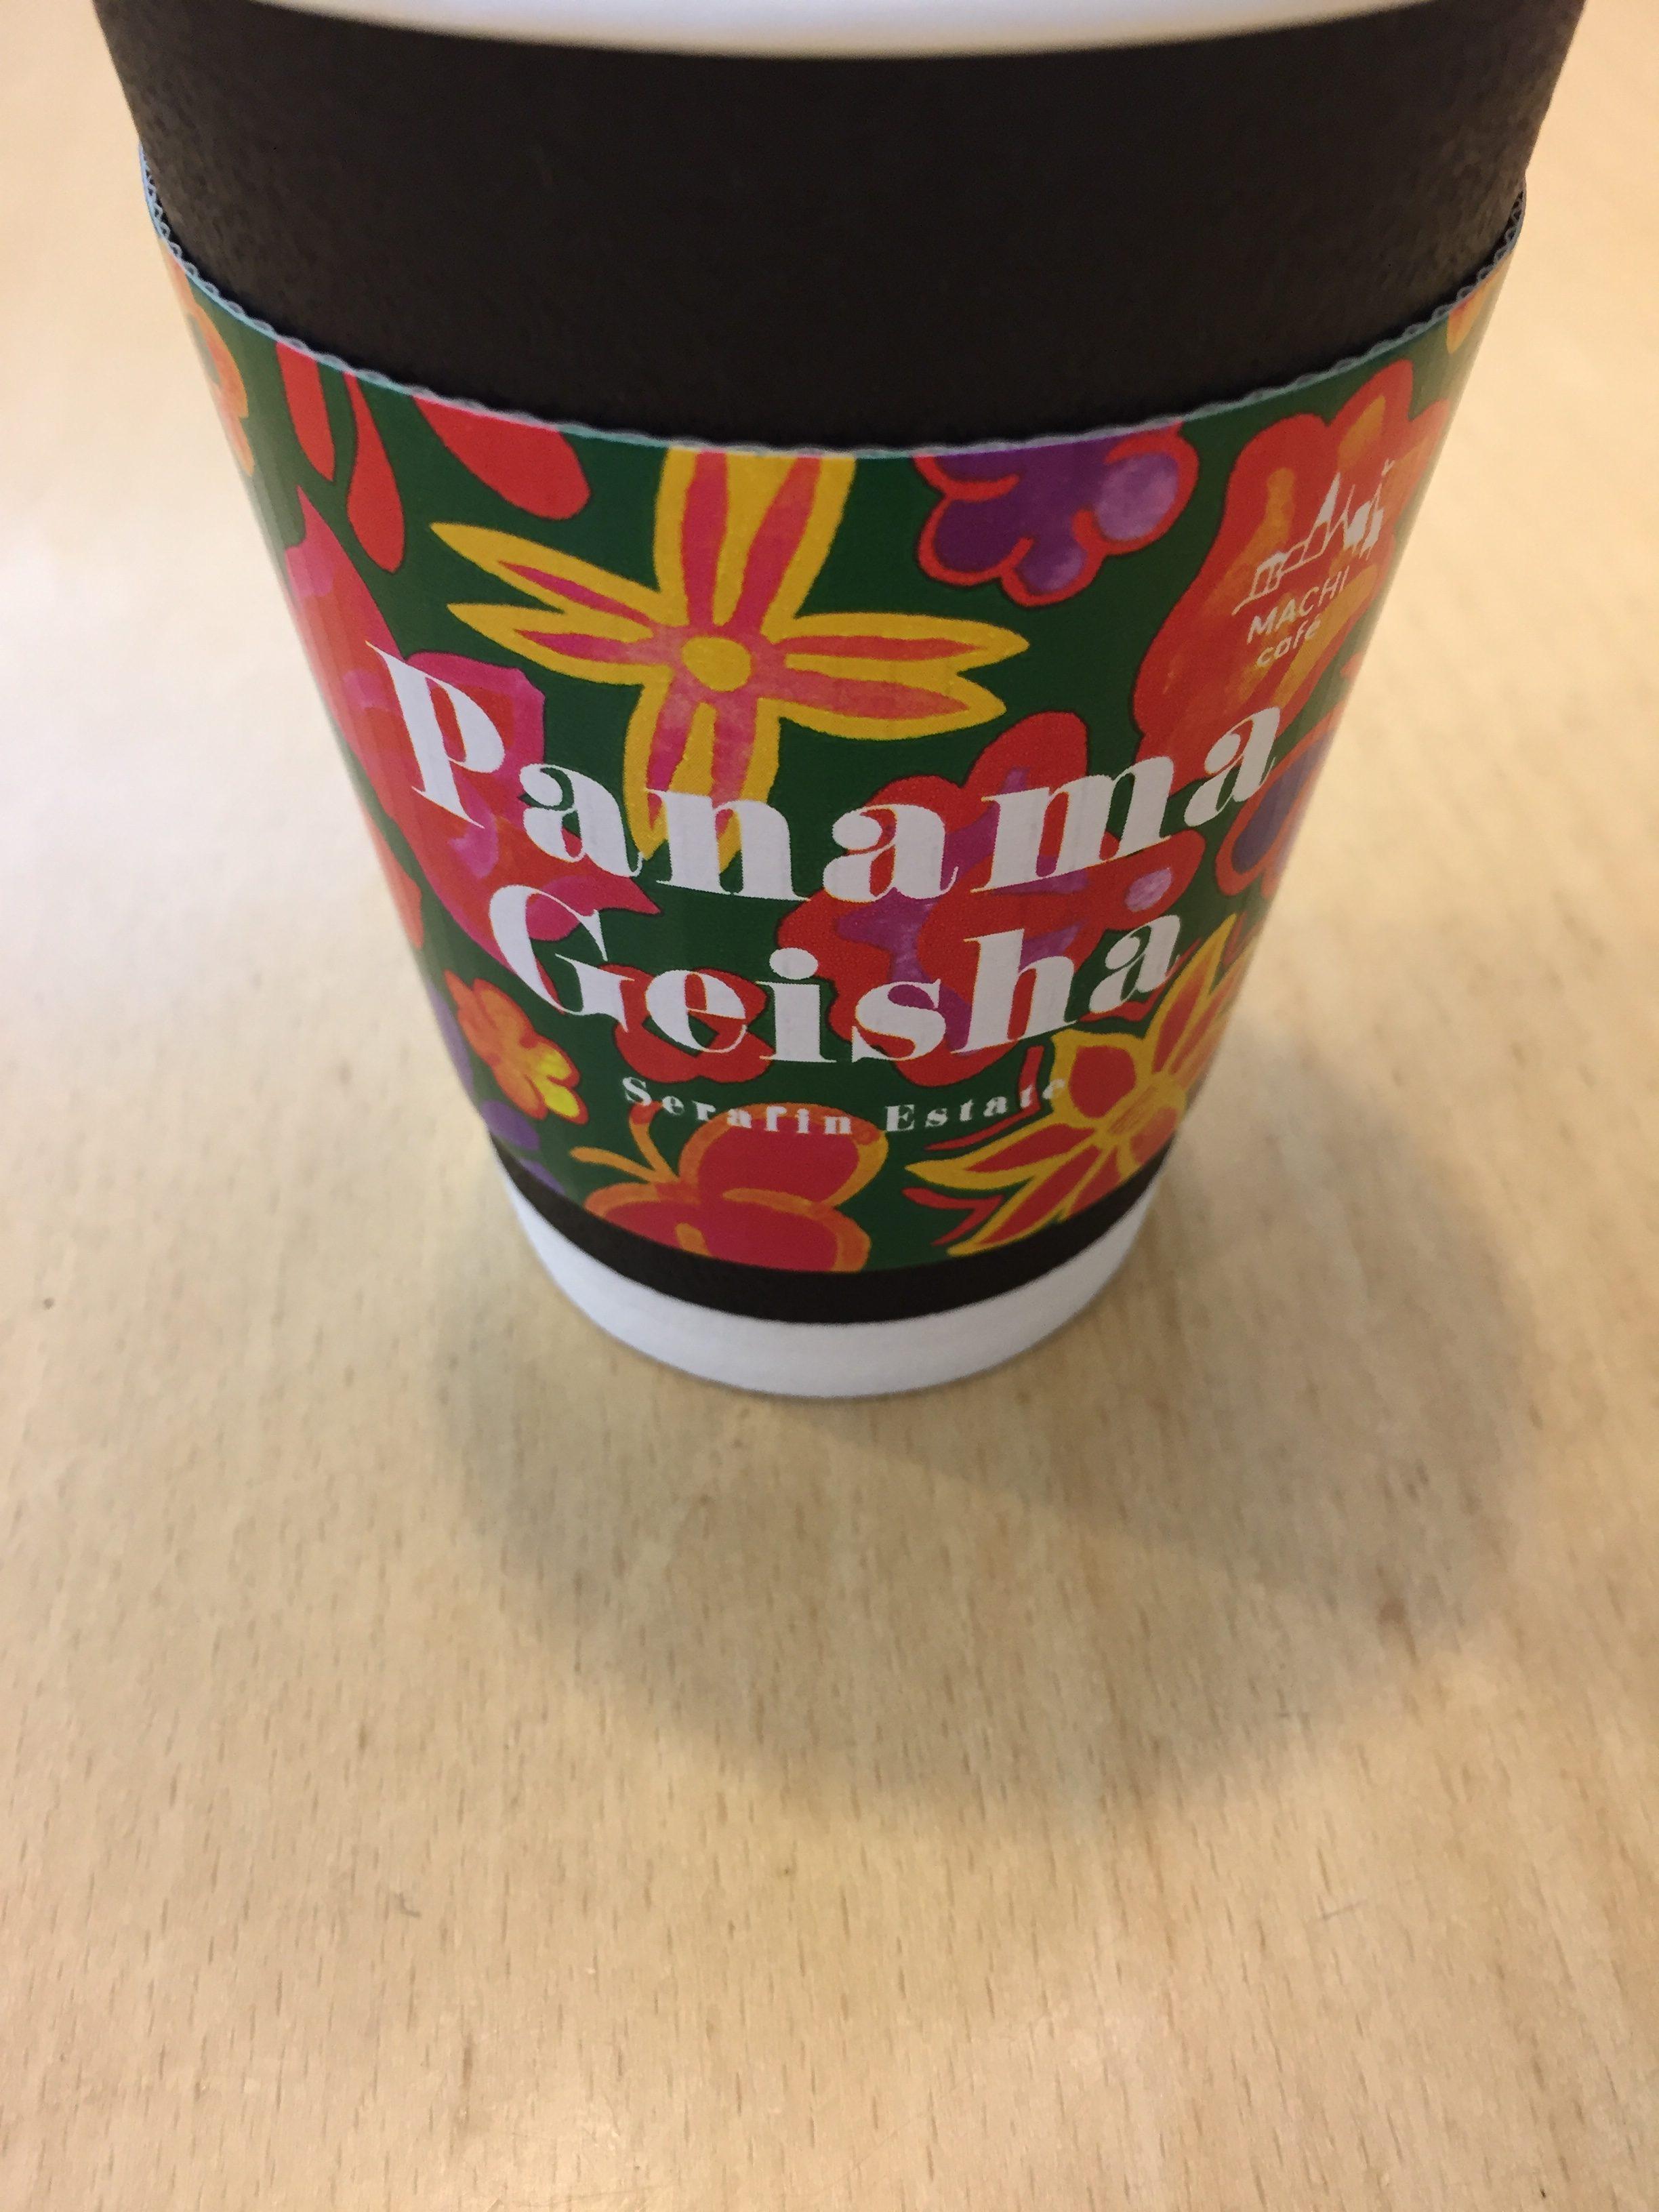 ローソン マチカフェ:パナマ ゲイシャ(セラフィン農園)